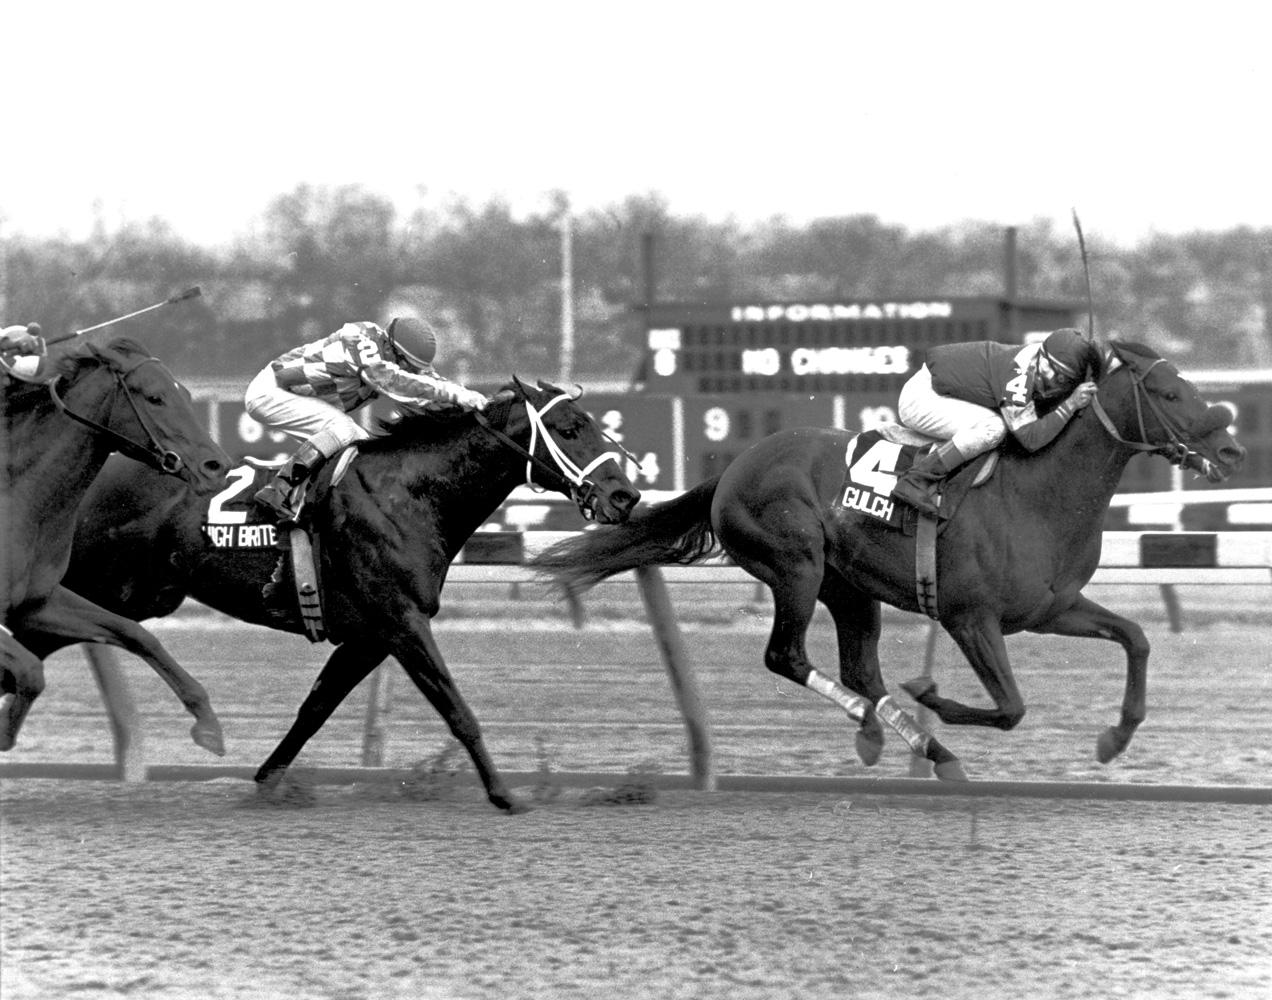 Jose Santos and Gulch winning the 1987 Bay Shore at Aqueduct (NYRA)